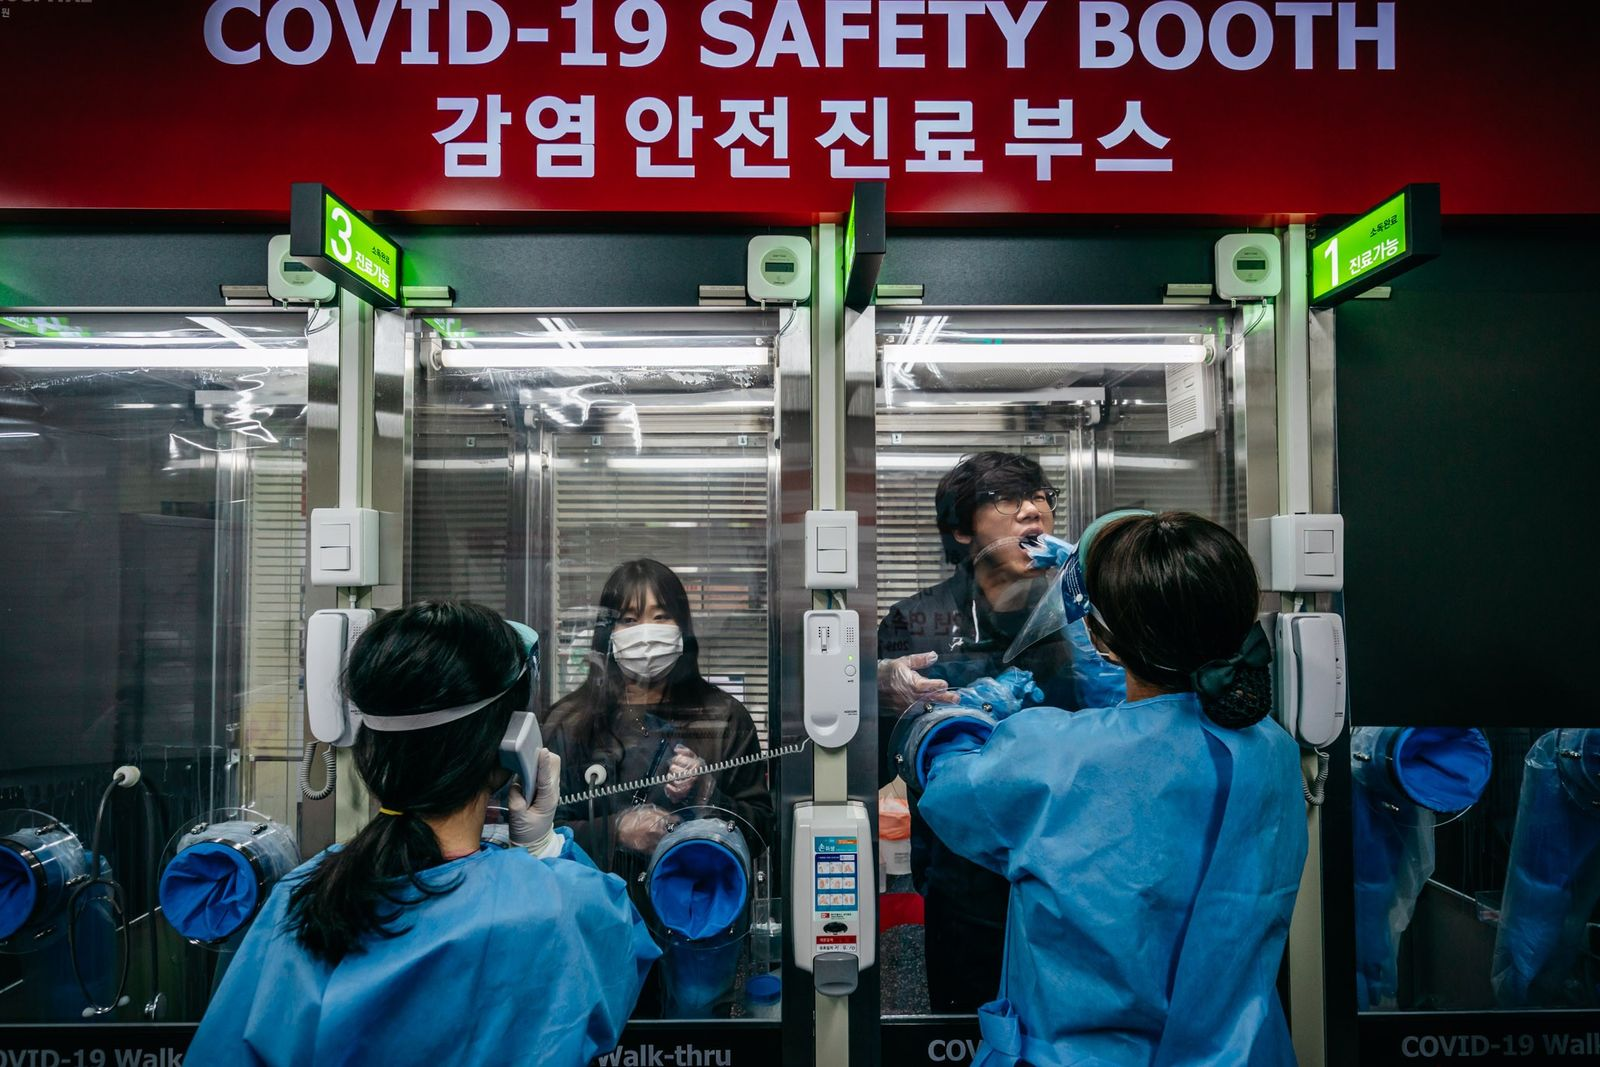 Centro de pruebas de COVID-19